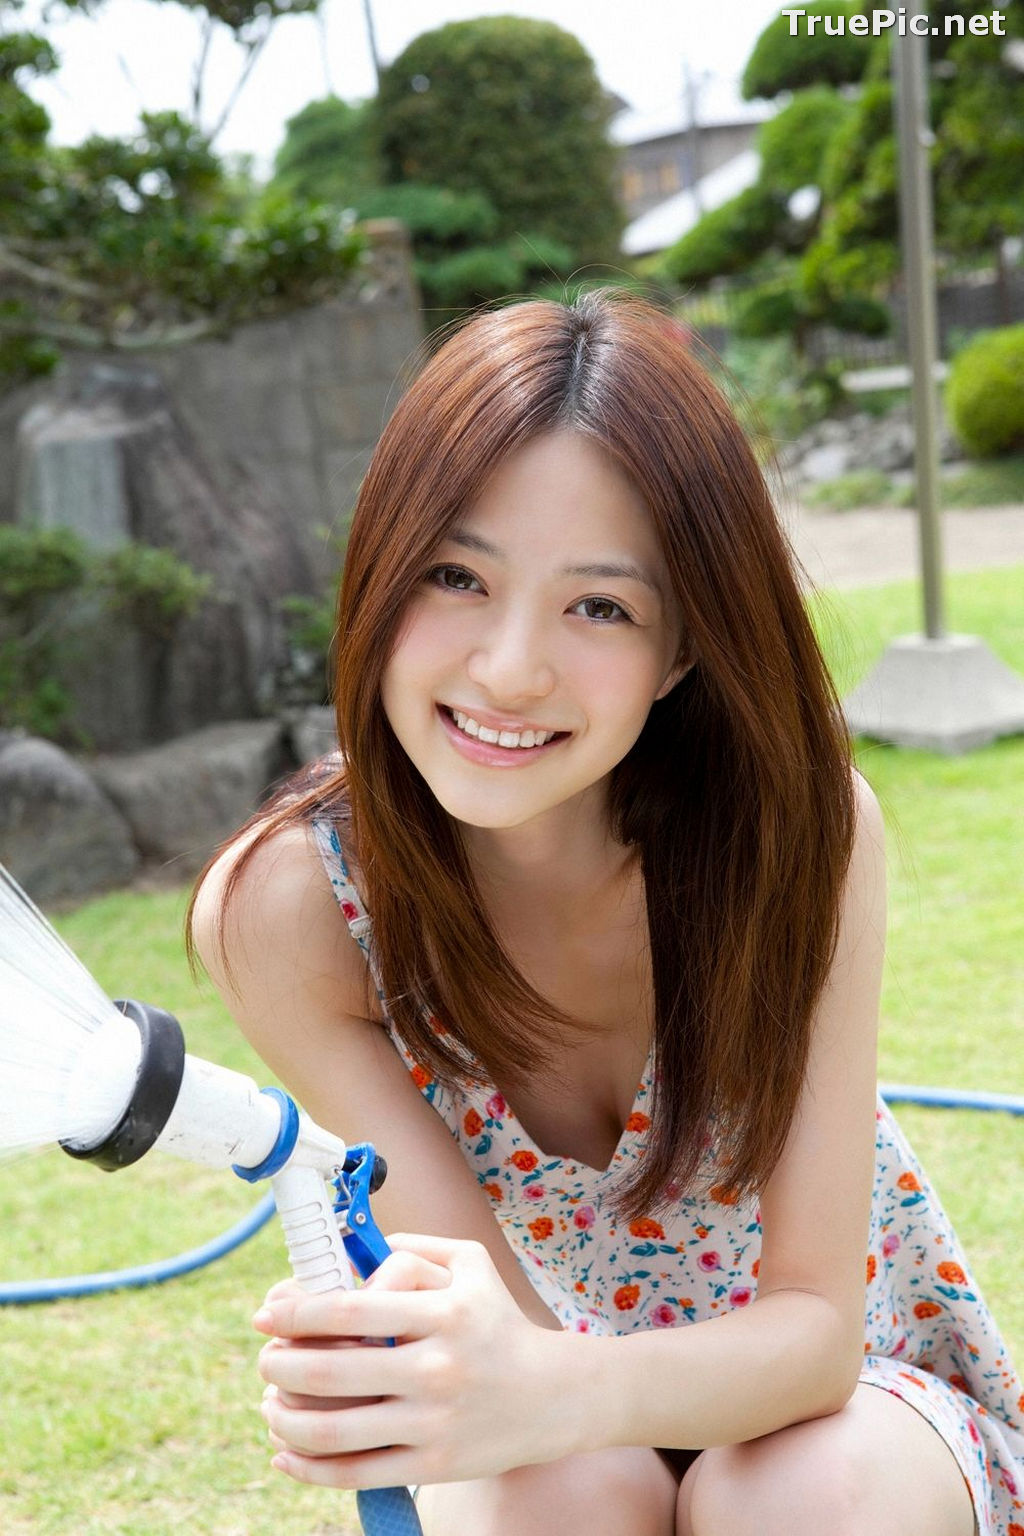 Image YS Web Vol.497 - Japanese Actress and Gravure Idol - Rina Aizawa - TruePic.net - Picture-4